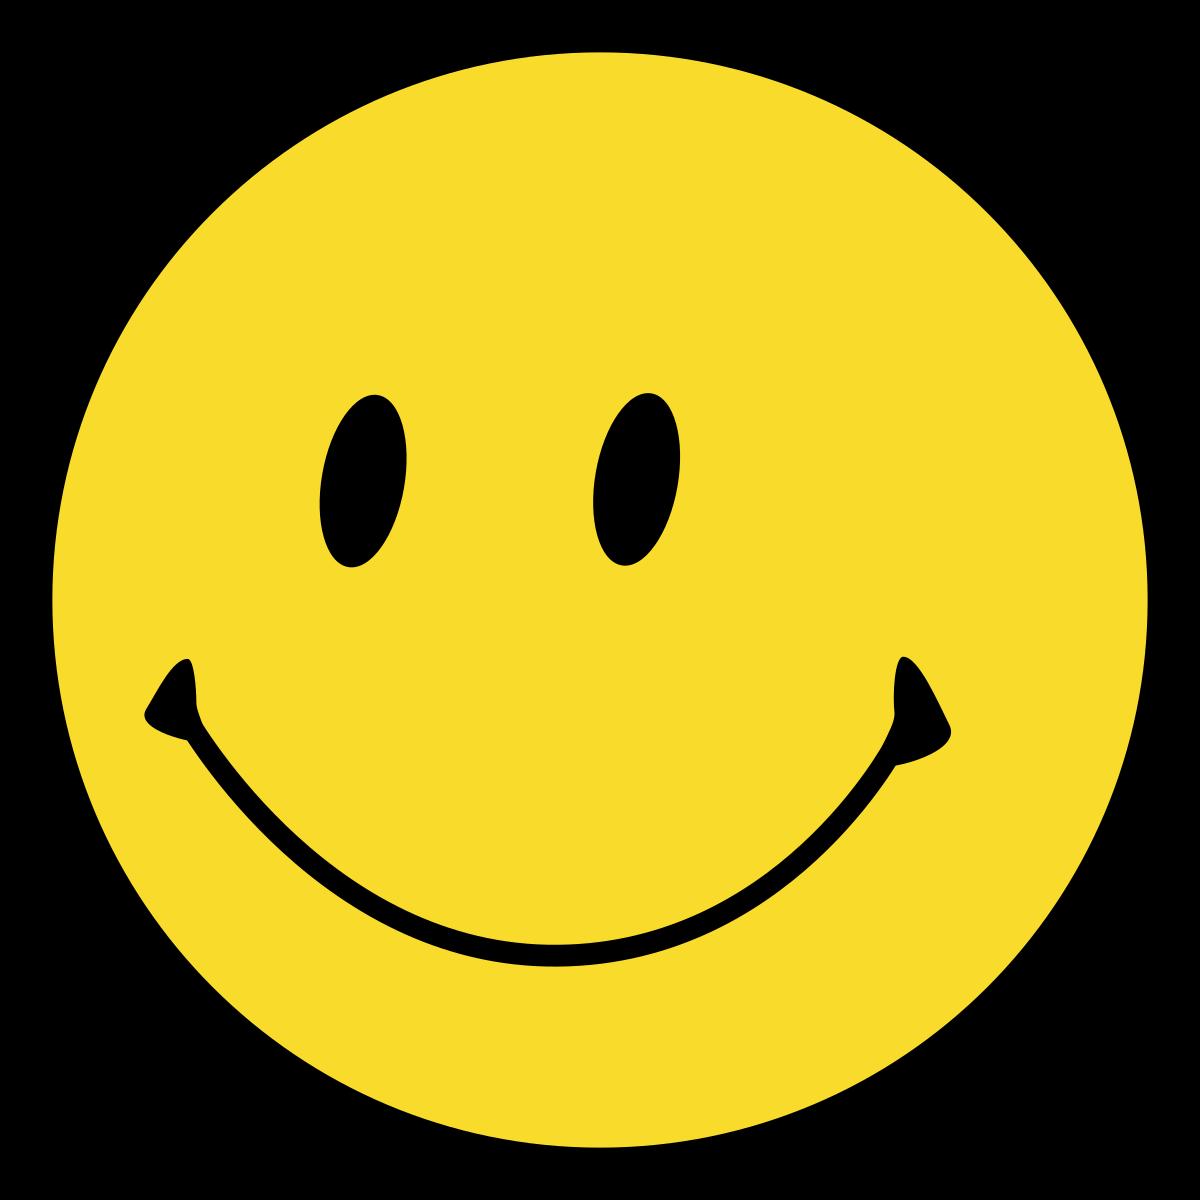 Smiley face clip art thank you, Smiley face clip art thank